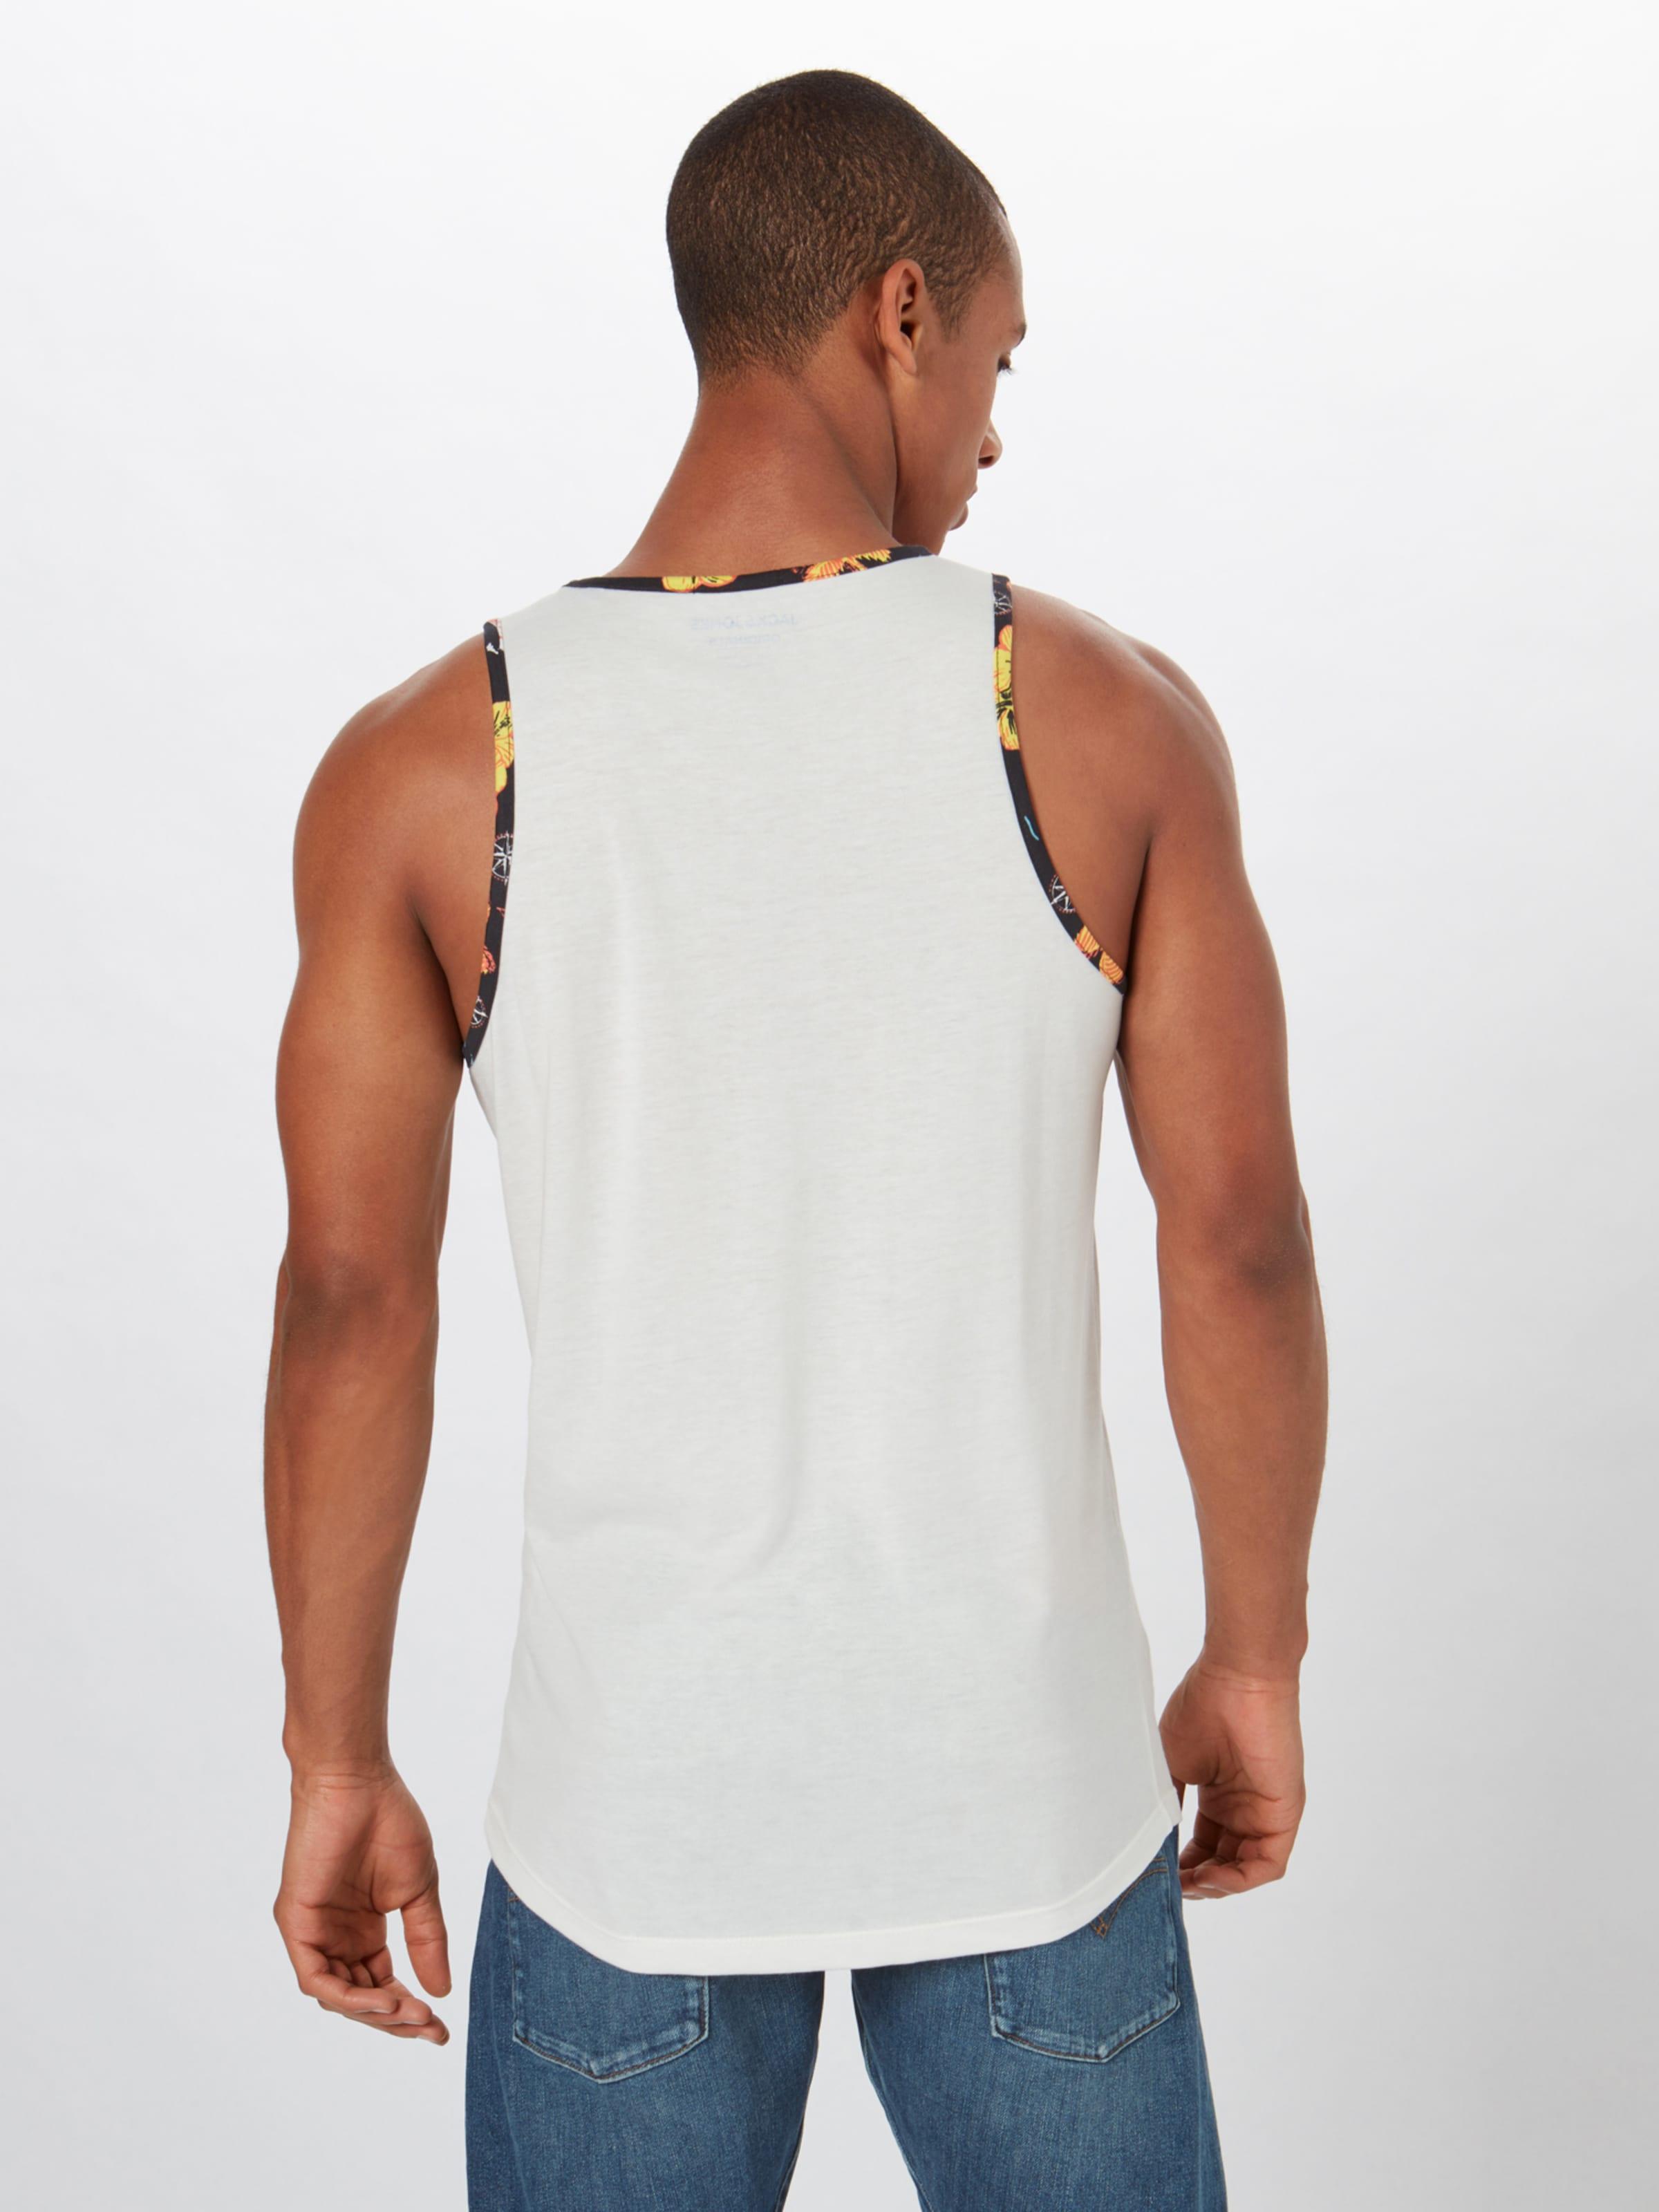 Jackamp; CouleursBlanc shirt En Jones Mélange 'molokai' T De kZuOPXiT